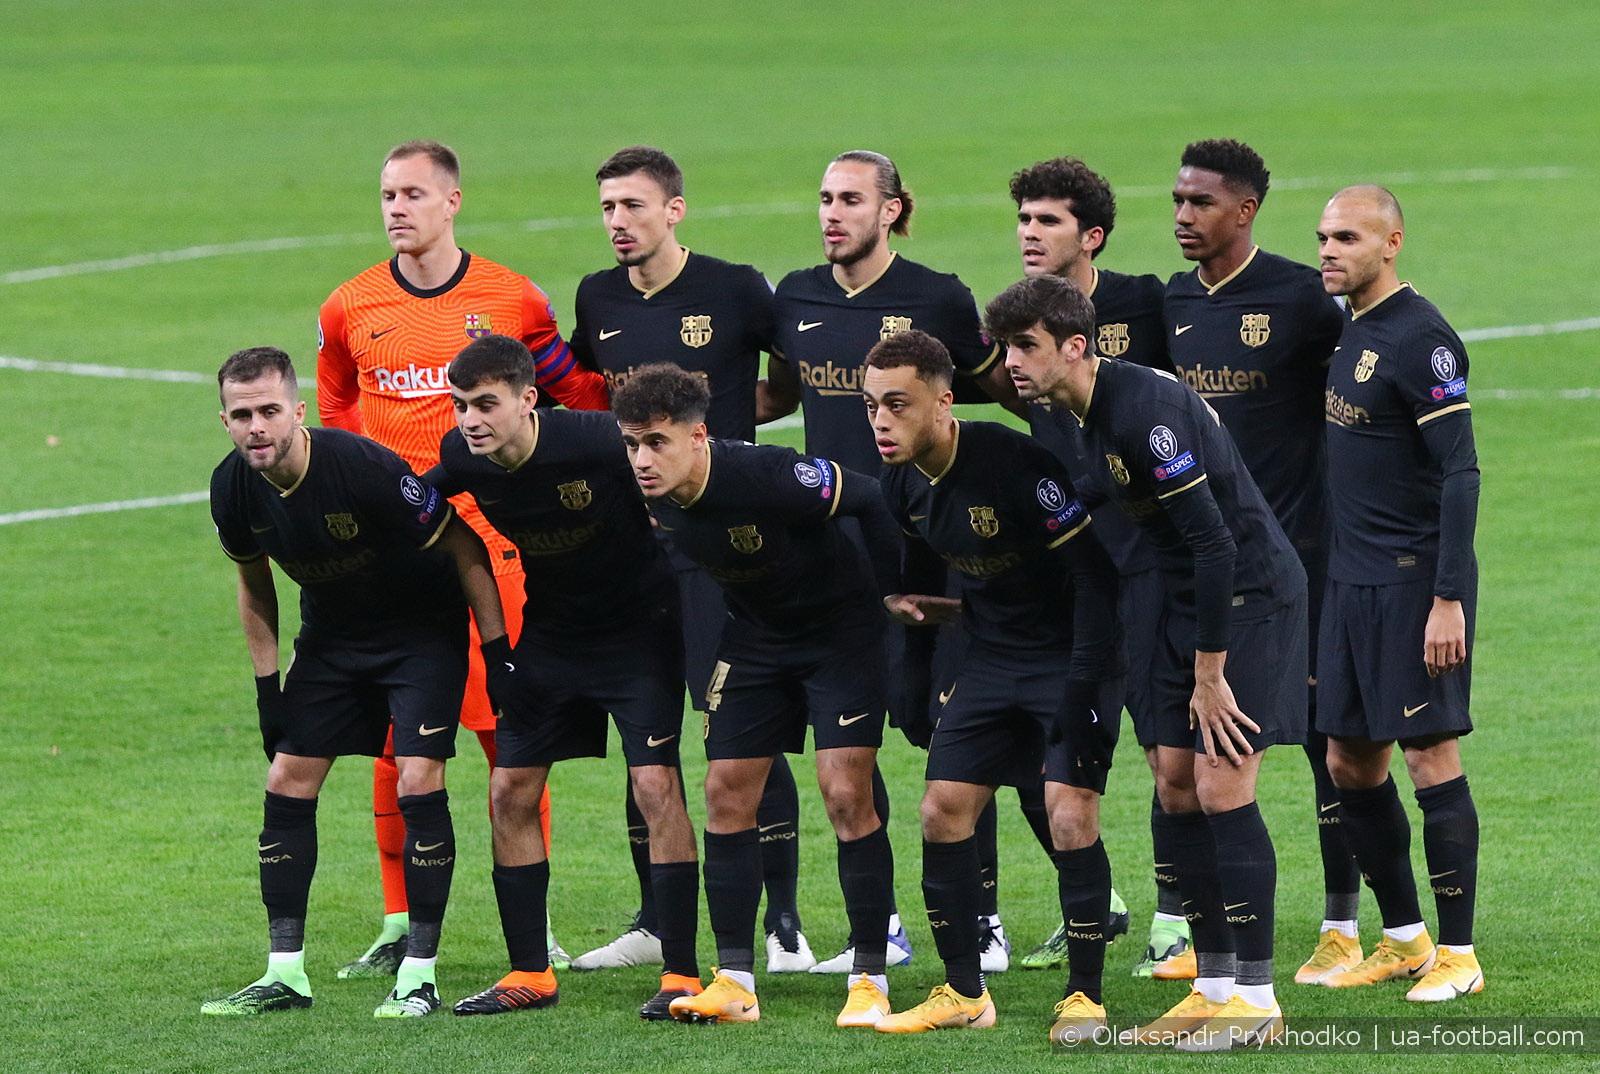 До гола и догола, или Молиться на Ювентус. Акценты зрителя на игре Динамо с Барселоной - изображение 1